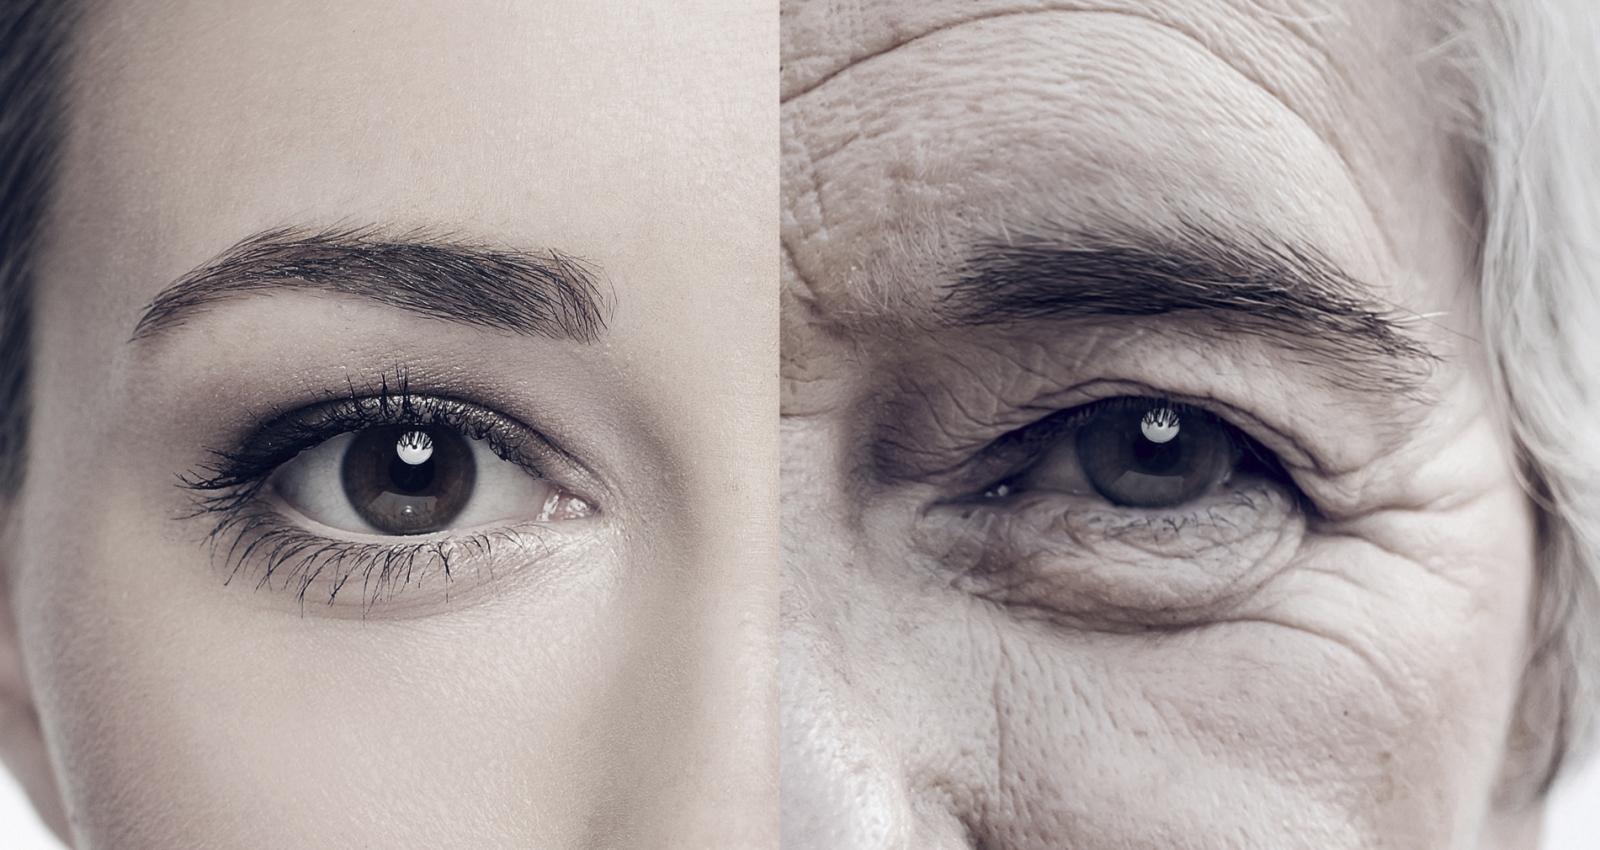 orsakar inflammation åldrande